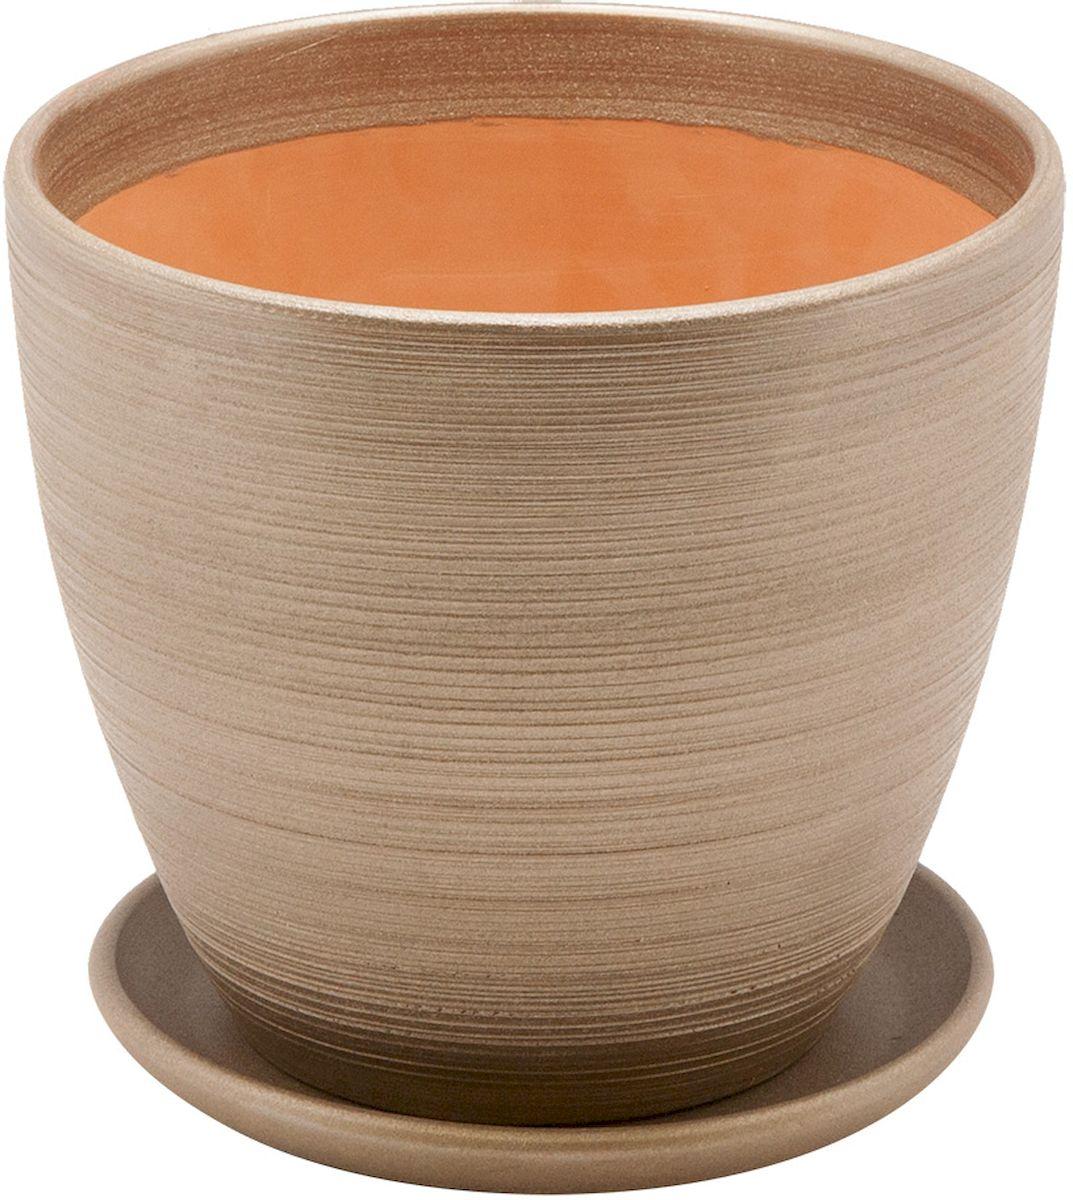 Горшок цветочный Engard, с поддоном, цвет: бронзовый матовый, 1,4 лBH-06-1Керамический горшок Engard - это идеальное решение для выращивания комнатных растений и создания изысканности в интерьере. Керамический горшок сделан из высококачественной глины в классической форме и оригинальном дизайне.Объем: 1,4 л.